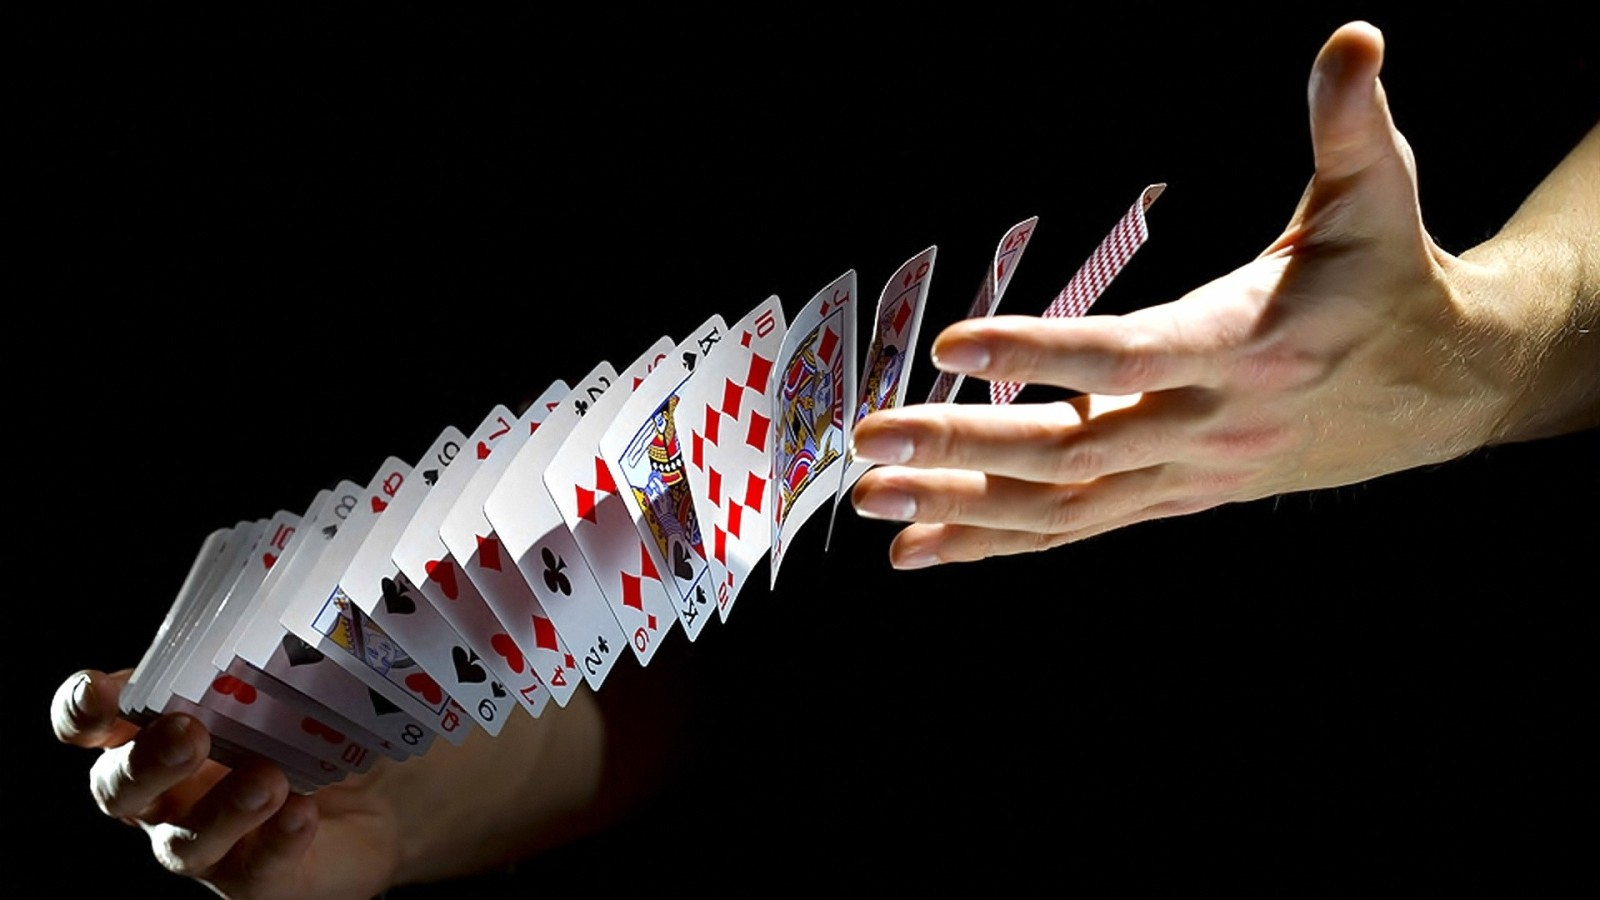 Карты покер руки обои 1600х900 картинки